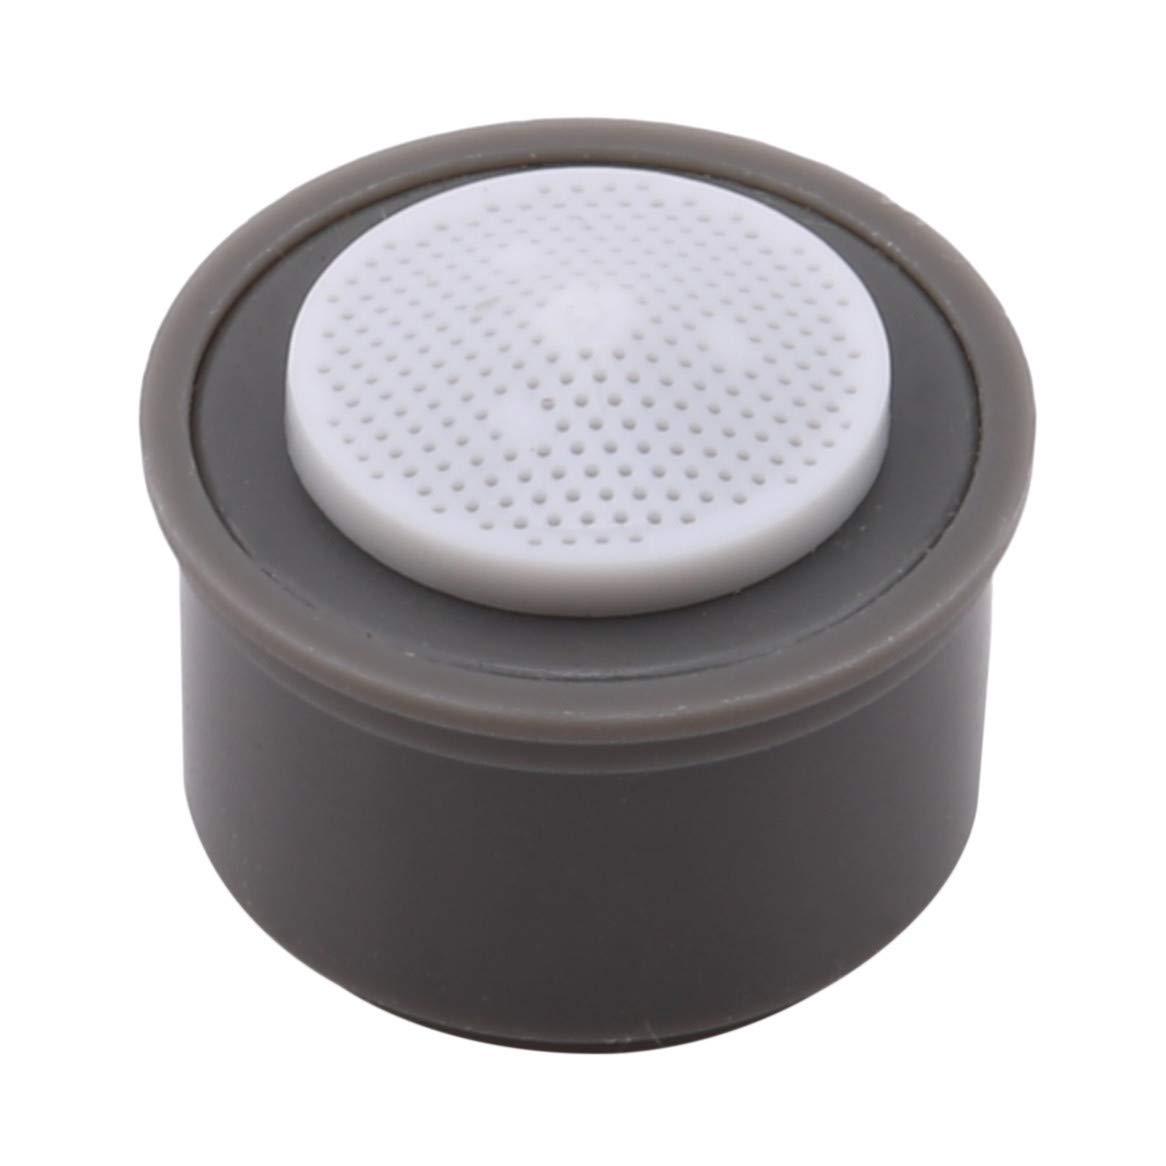 Botreelife Wassersparende Bubbler Filter Kü chenarmatur Innenkern Wasserhahn Zubehö r Badezimmer (Grü n) YingQue